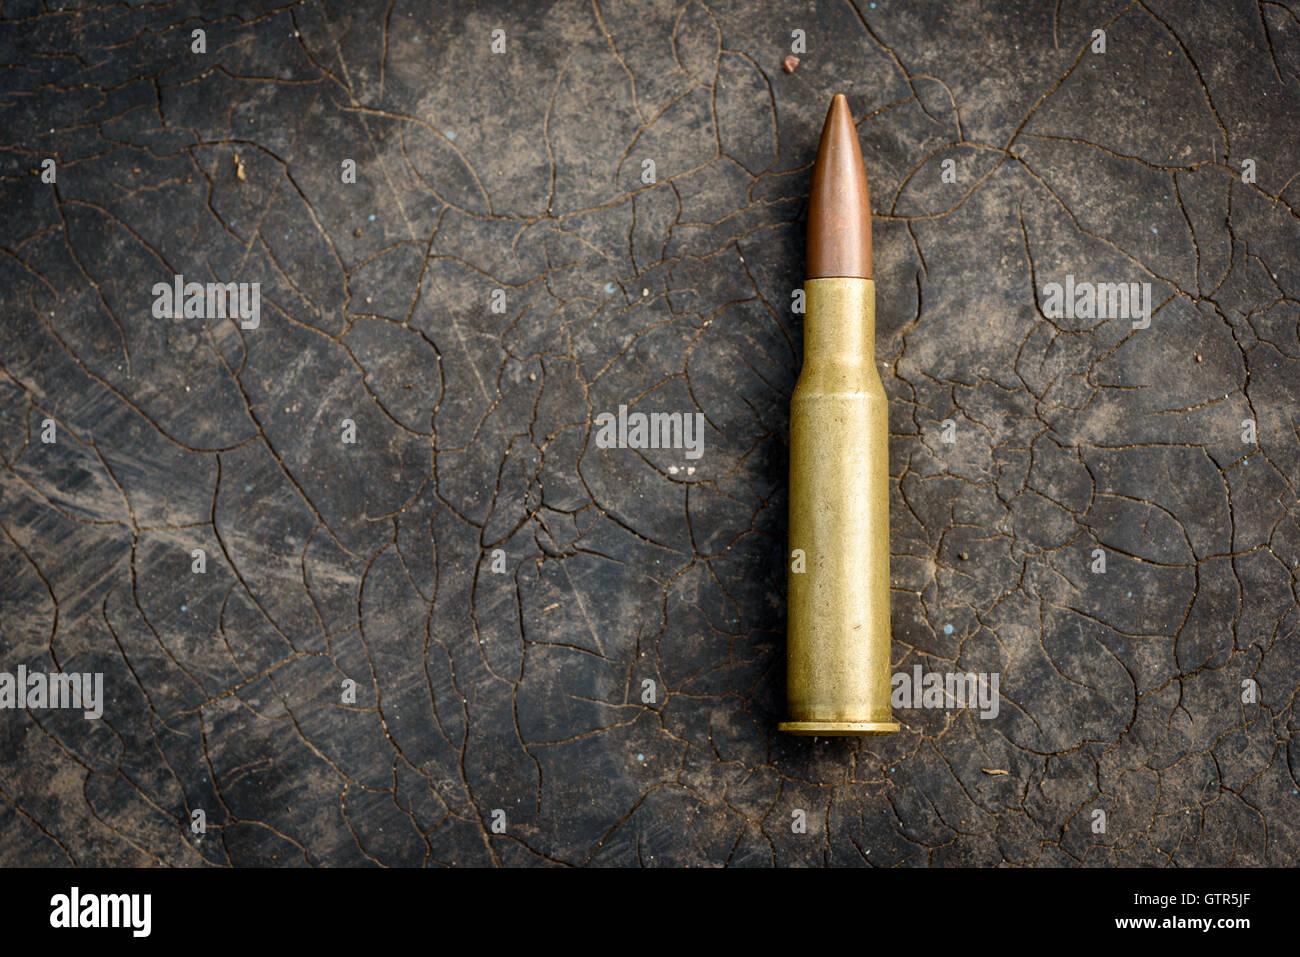 Einzelne 7,62 mm Kugel mit Patronenhülse aus Messing. Ungebrannte Munition für moderne Sturmgewehre wie Stockbild